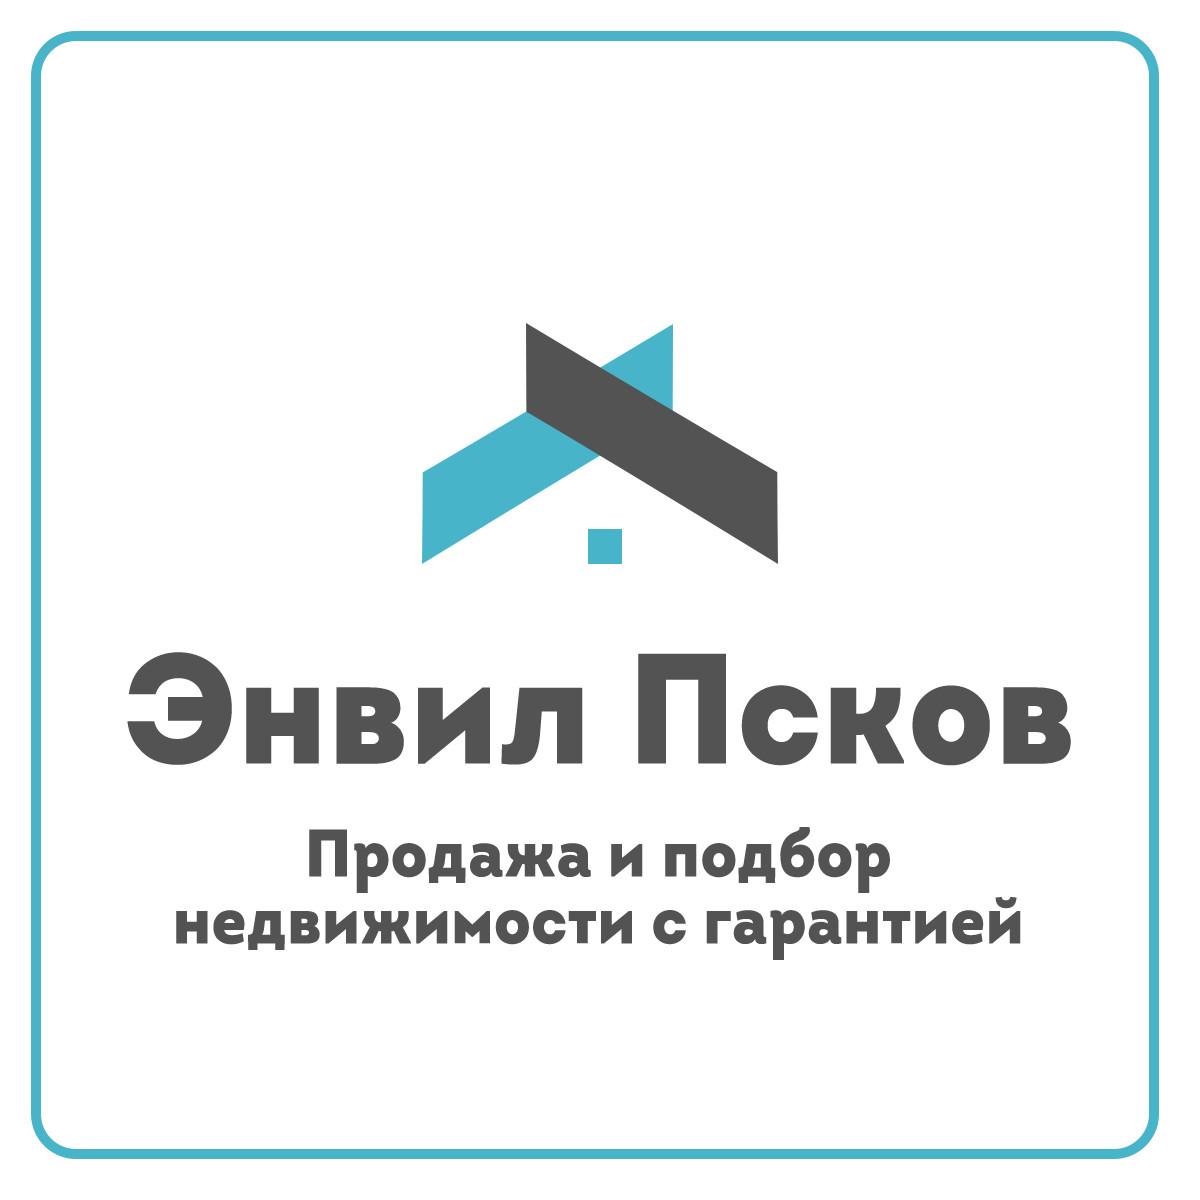 Энвил - Псков